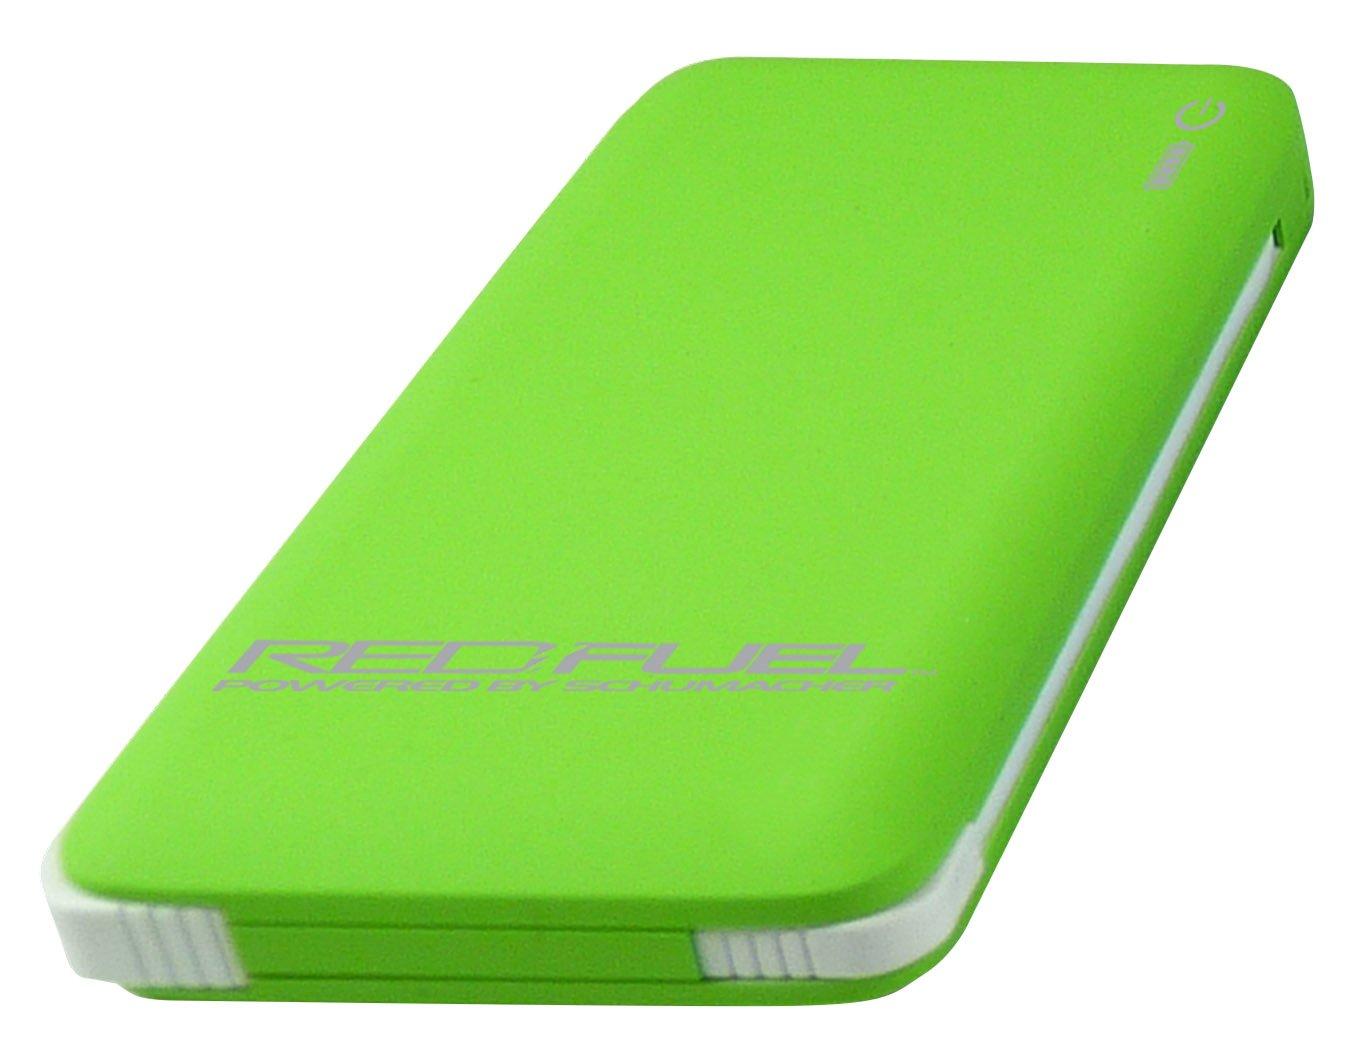 Schumacher SL45 4200mAh Green Lithium Ion Fuel Pack by Schumacher